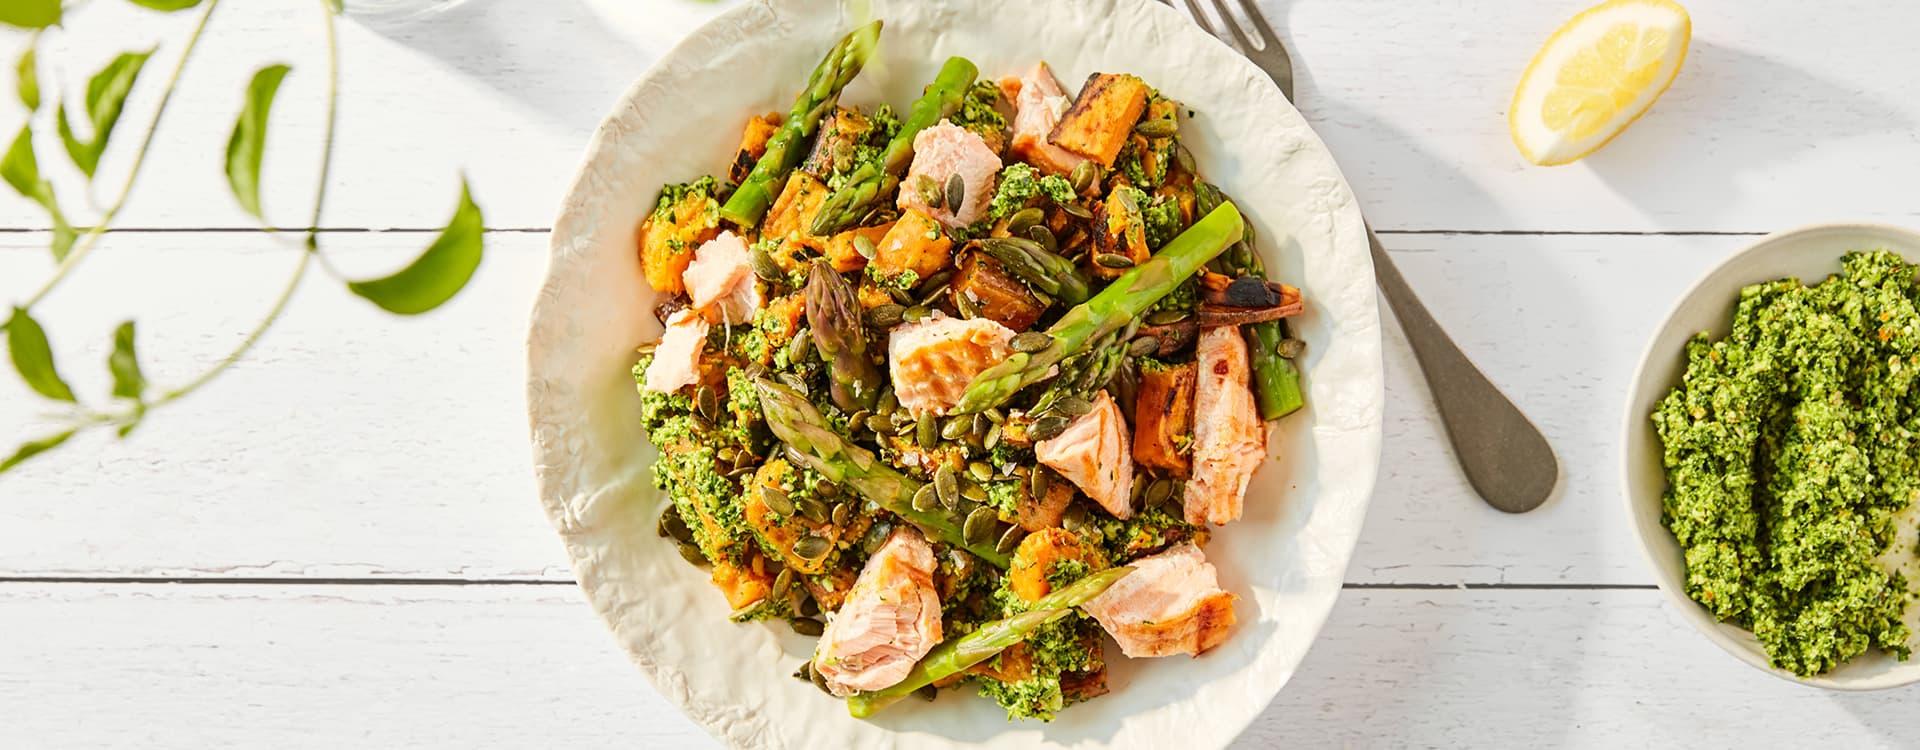 Lett og god middag med fisk, søtpotet og grønnkålpesto.